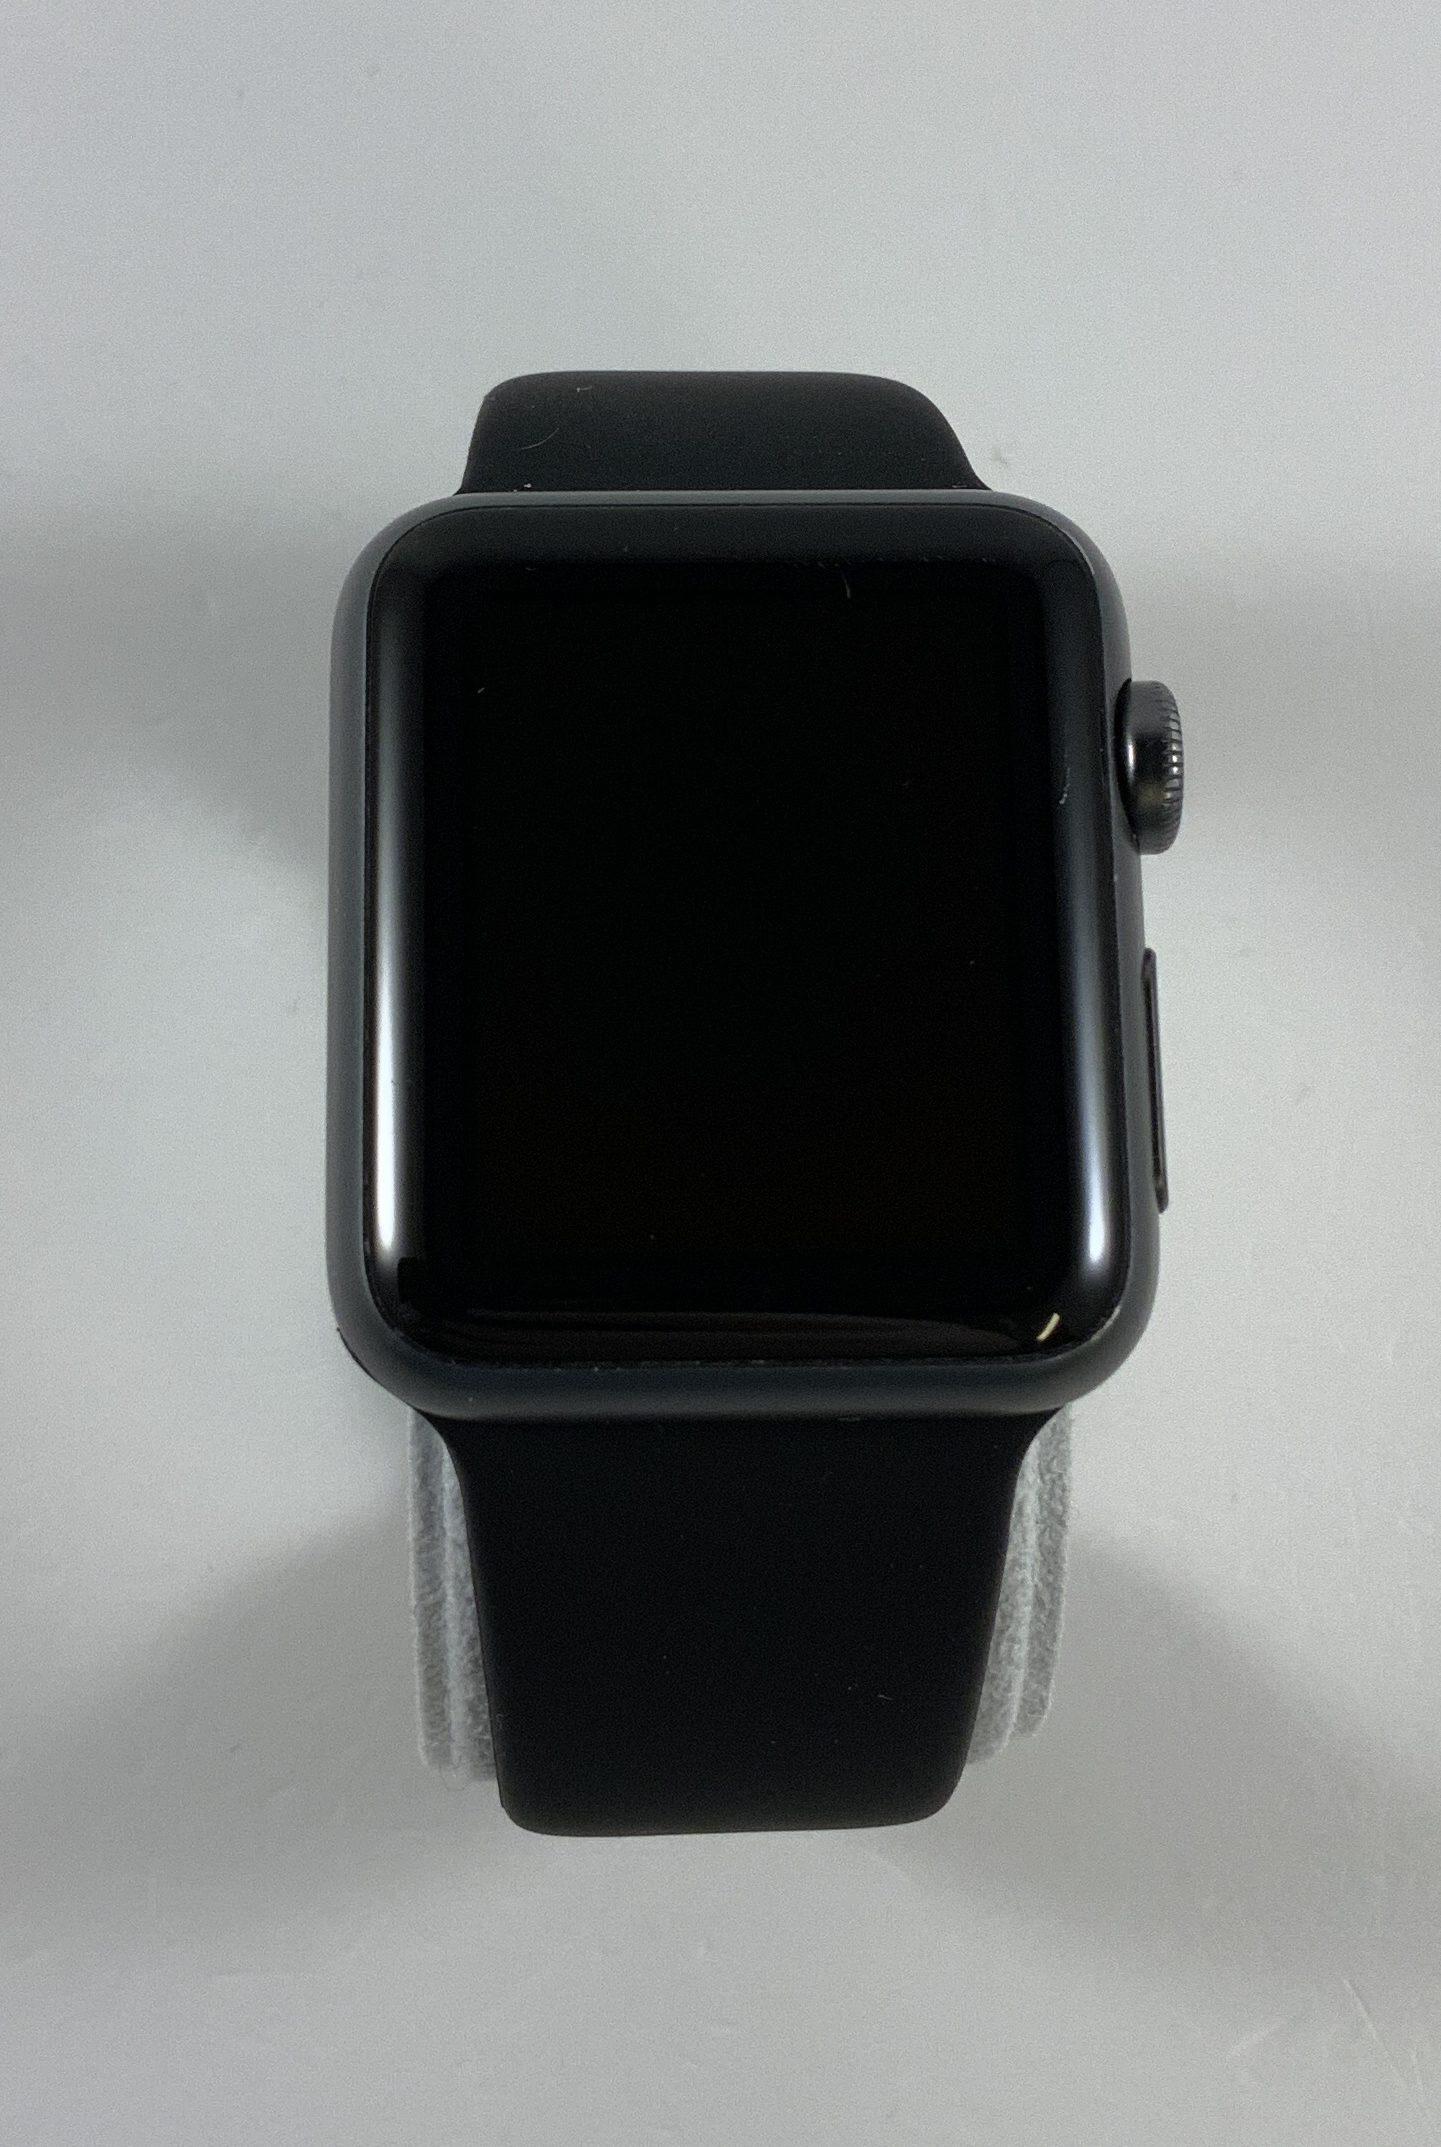 Watch Series 1 Aluminum (38mm), Space Gray, Black Sport Band, Kuva 1